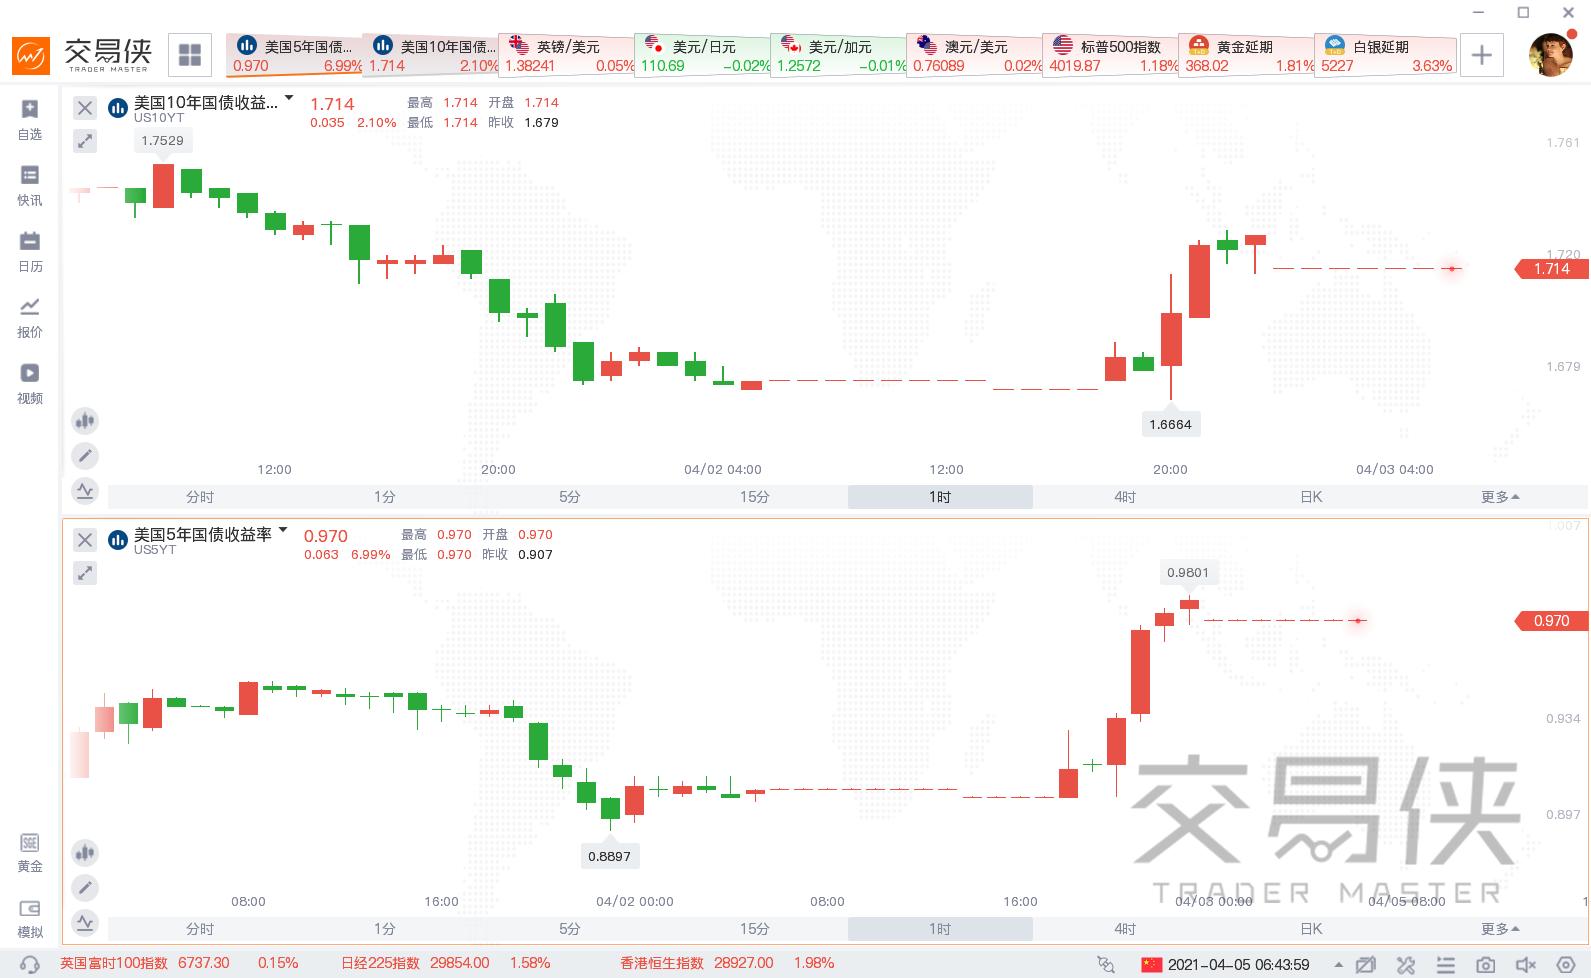 劲爆非农后黄金迎接真正挑战,美元或继续横扫全球市场